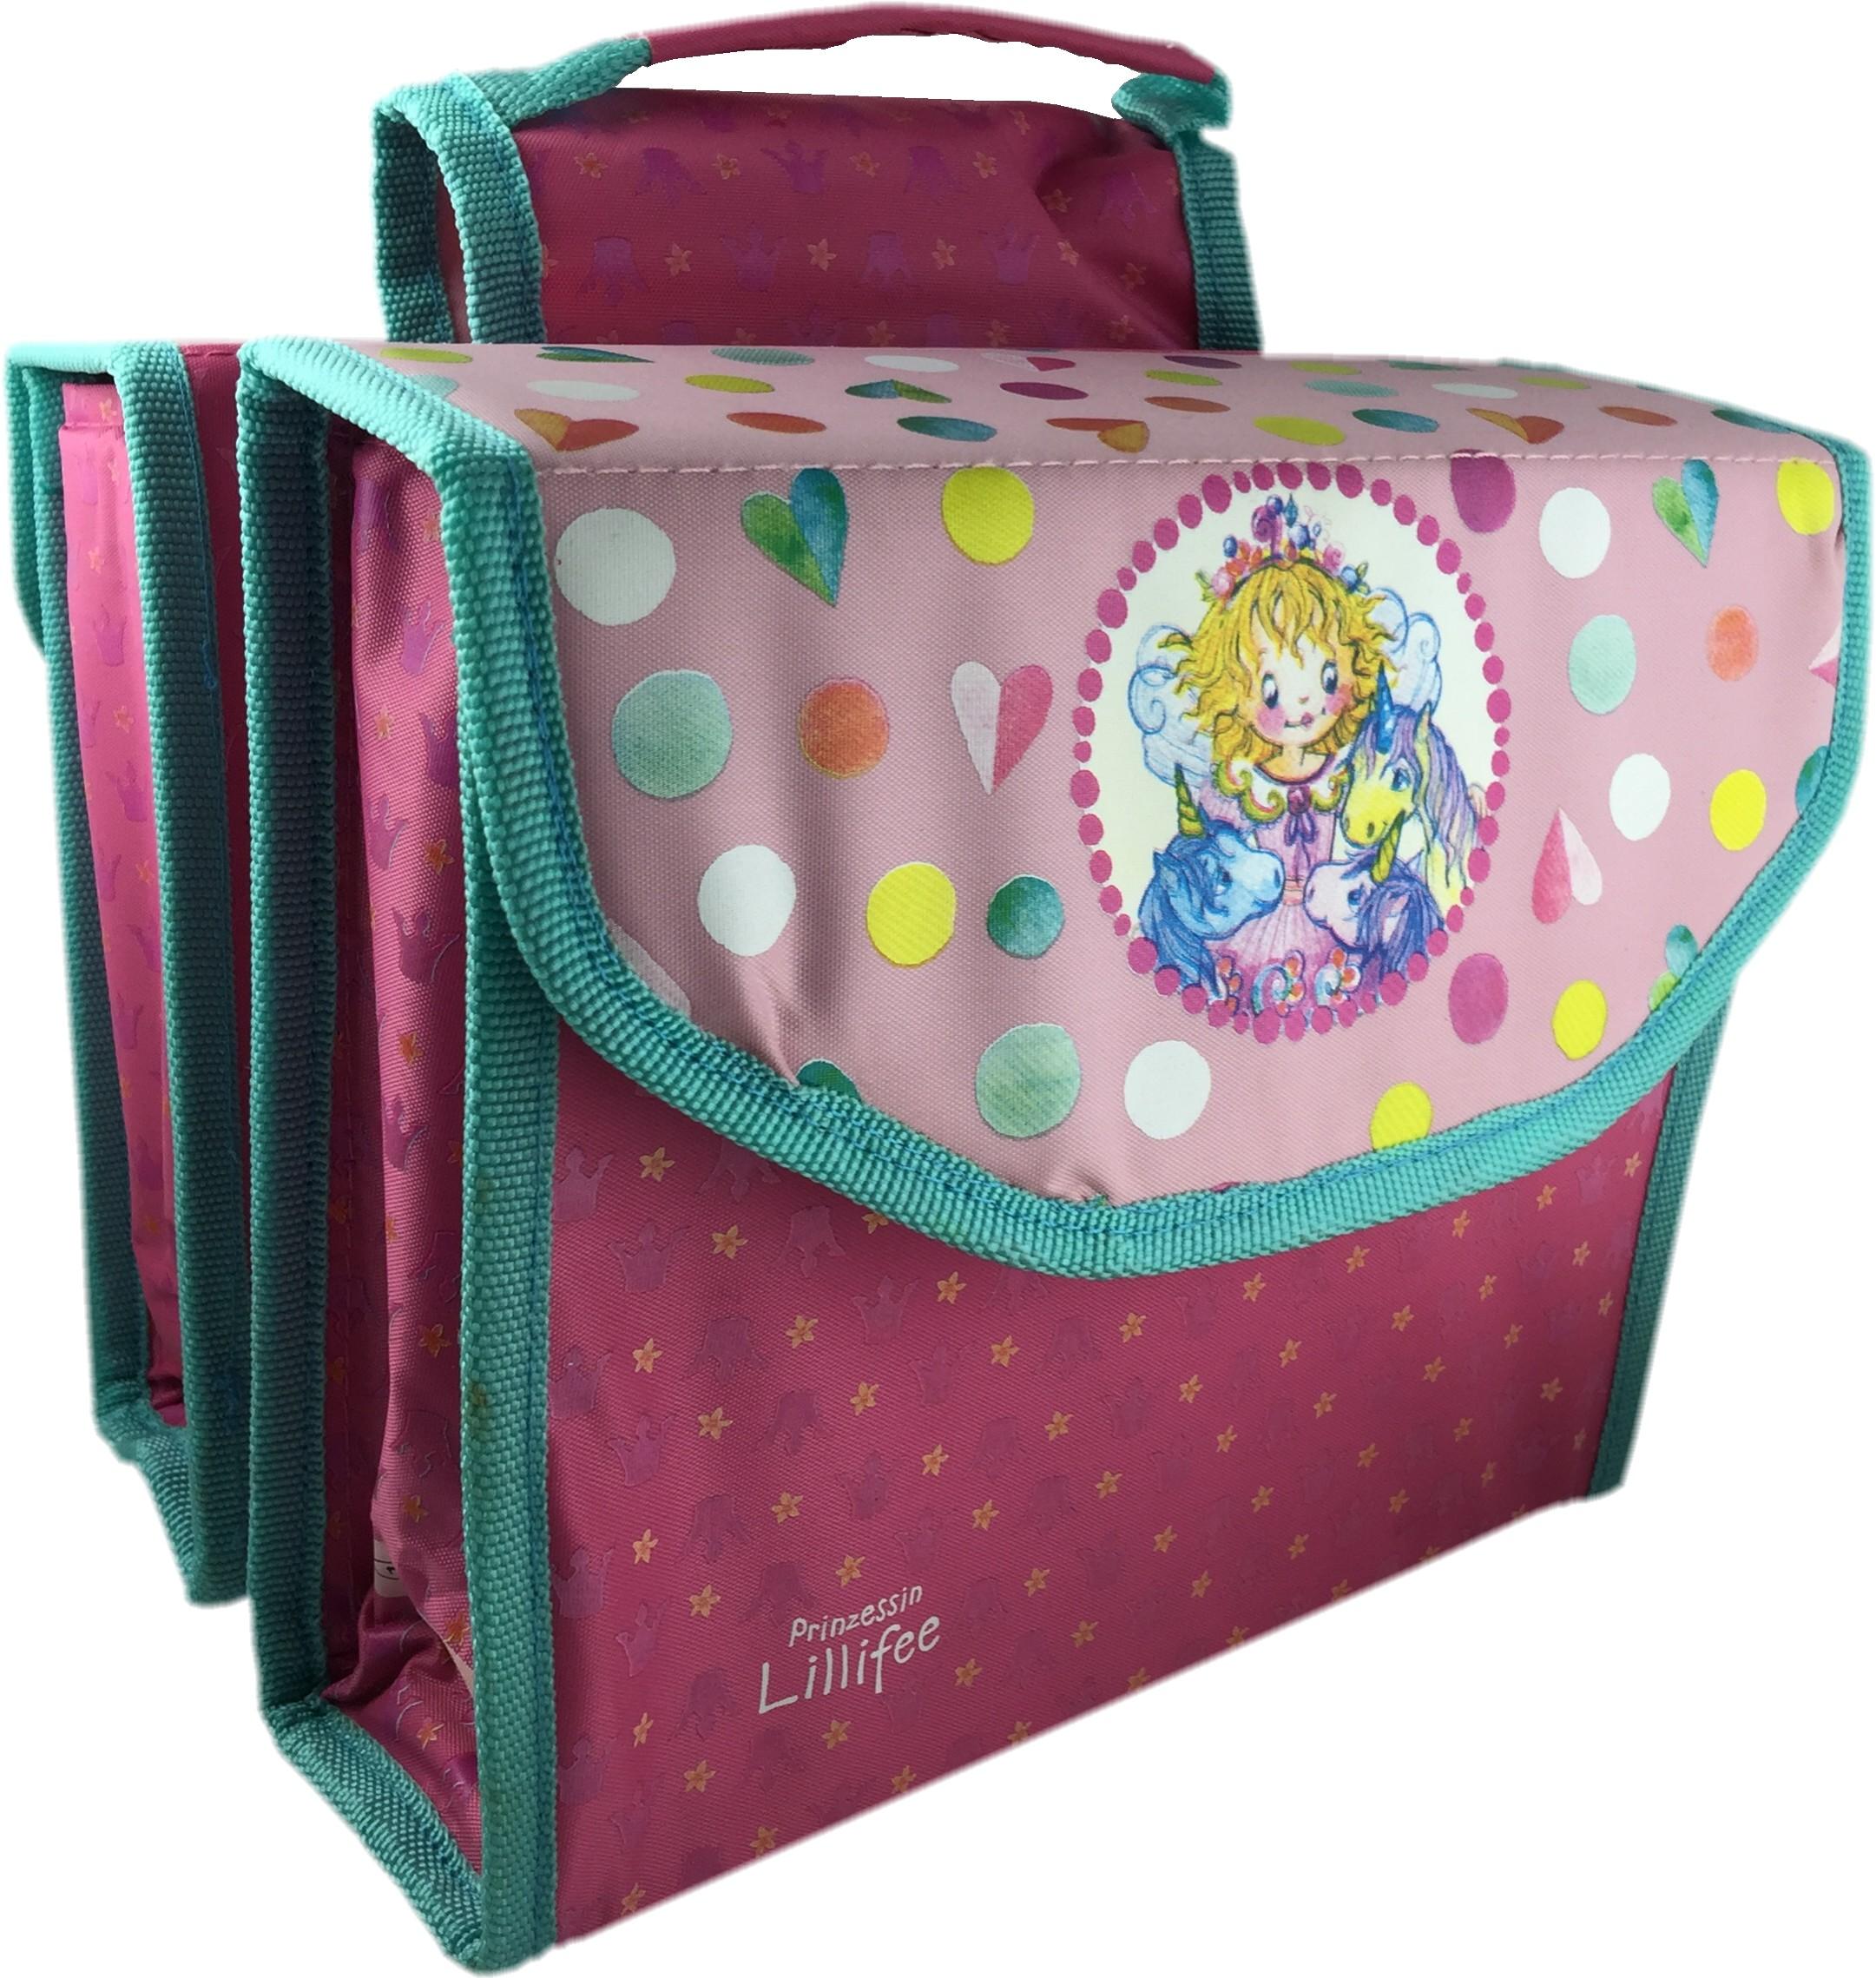 Doppelpacktasche Prinzessin Lillifee (Marke Bike Fashion)